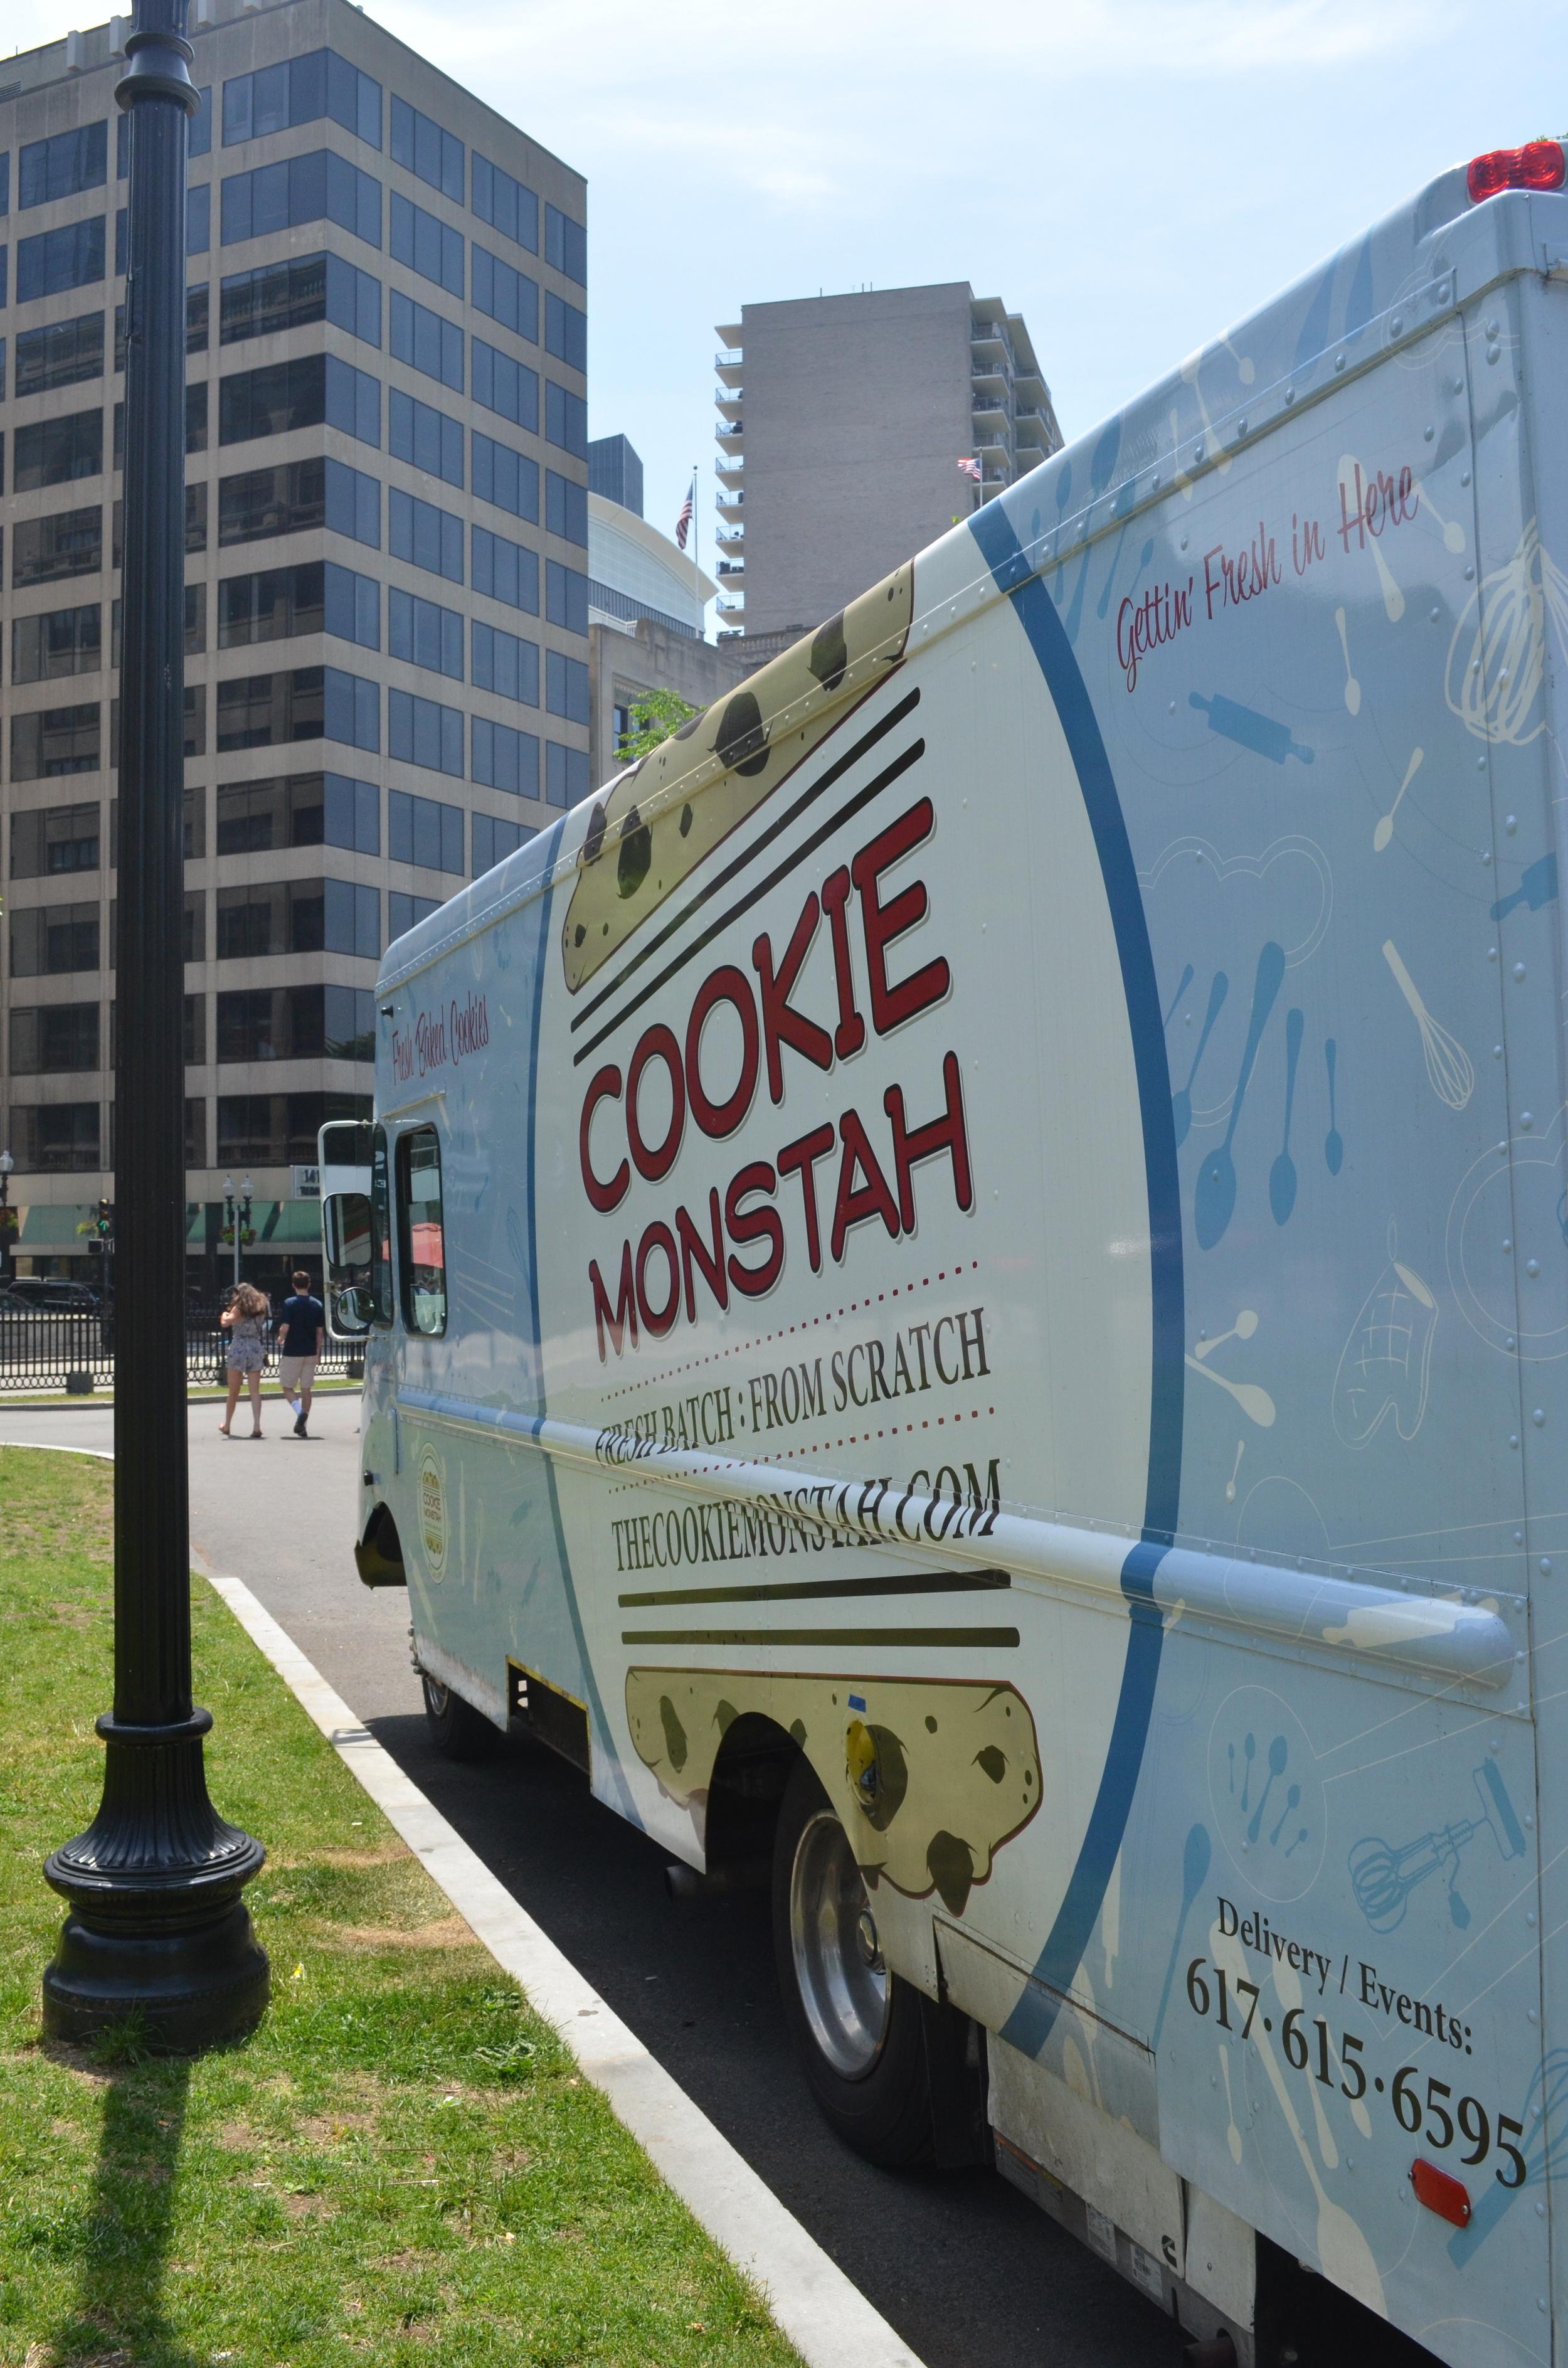 CookieMonstahtruck.jpg